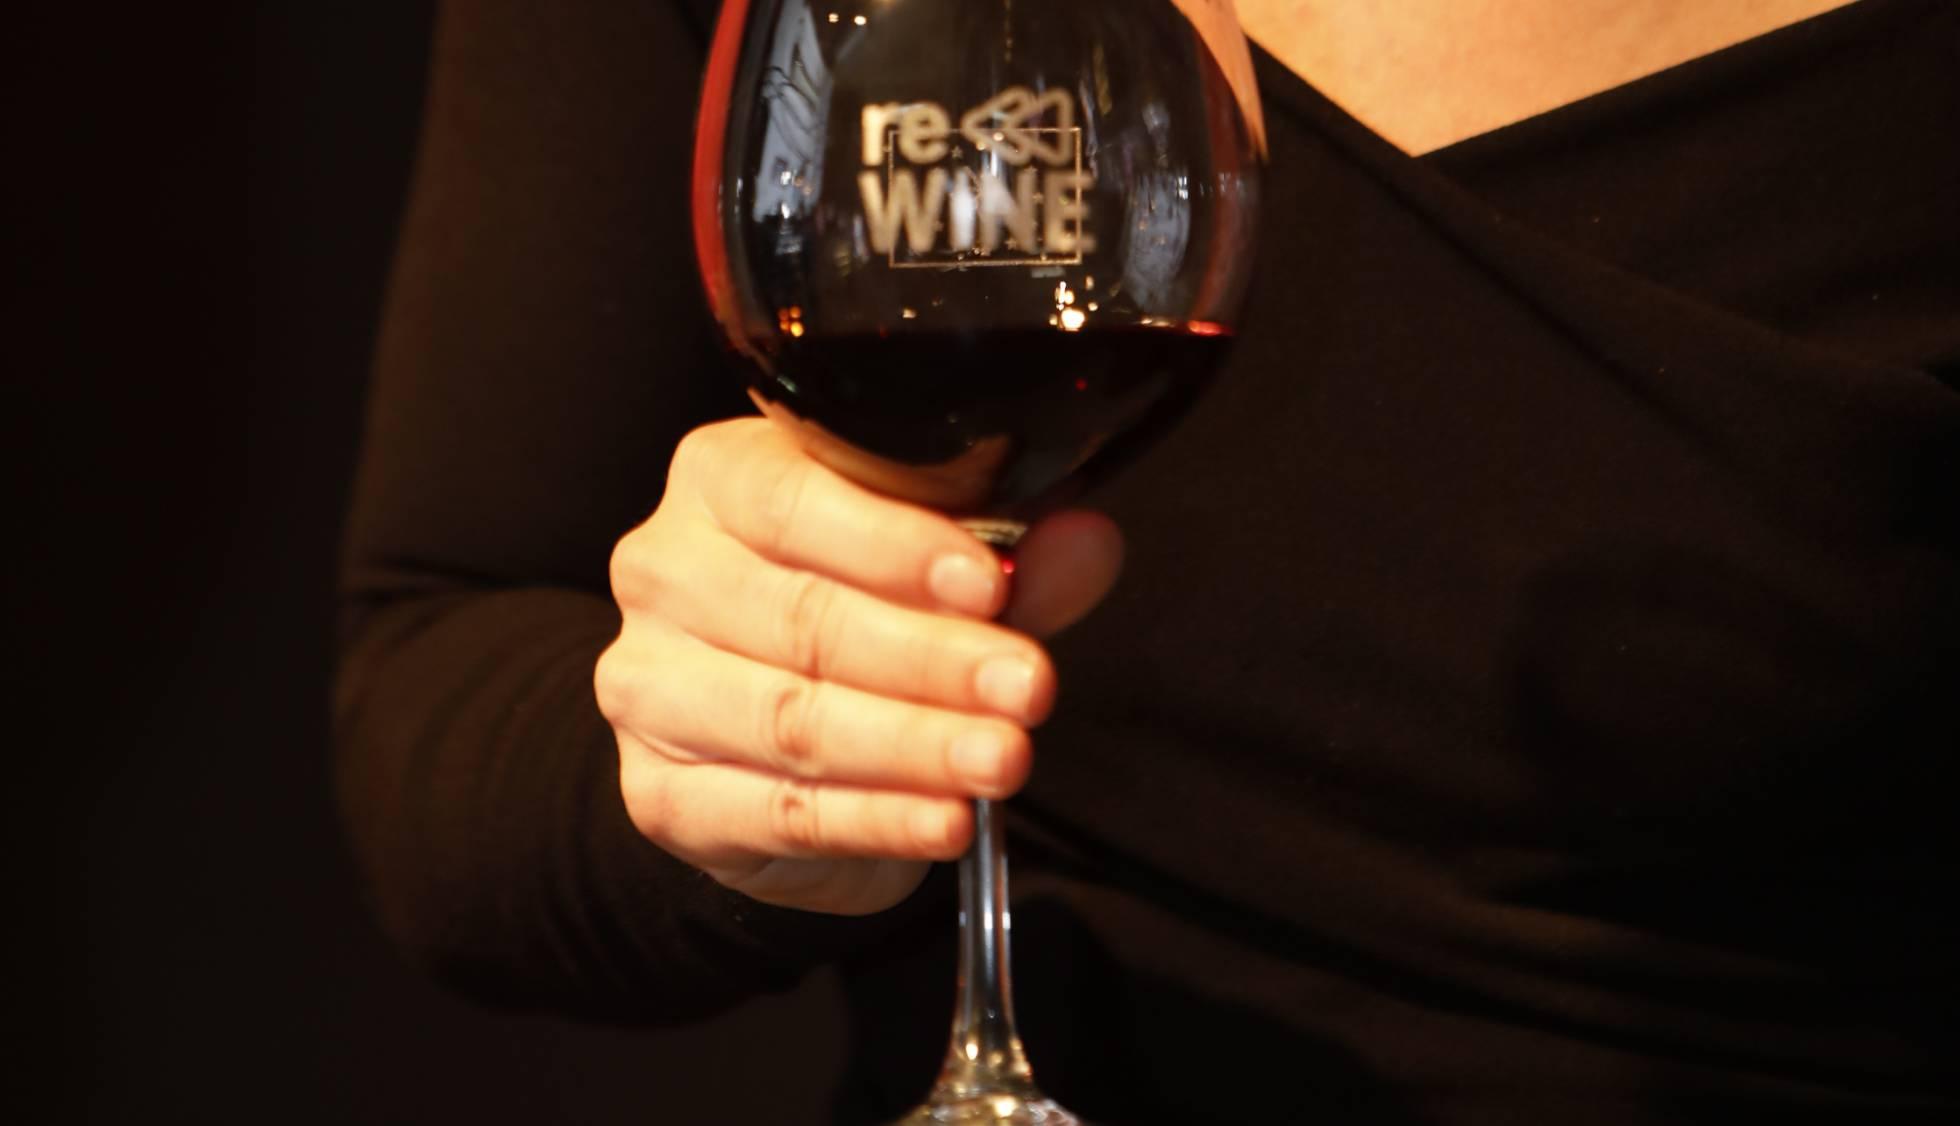 Una copa de vino con el logotipo del proyecto Rewine.